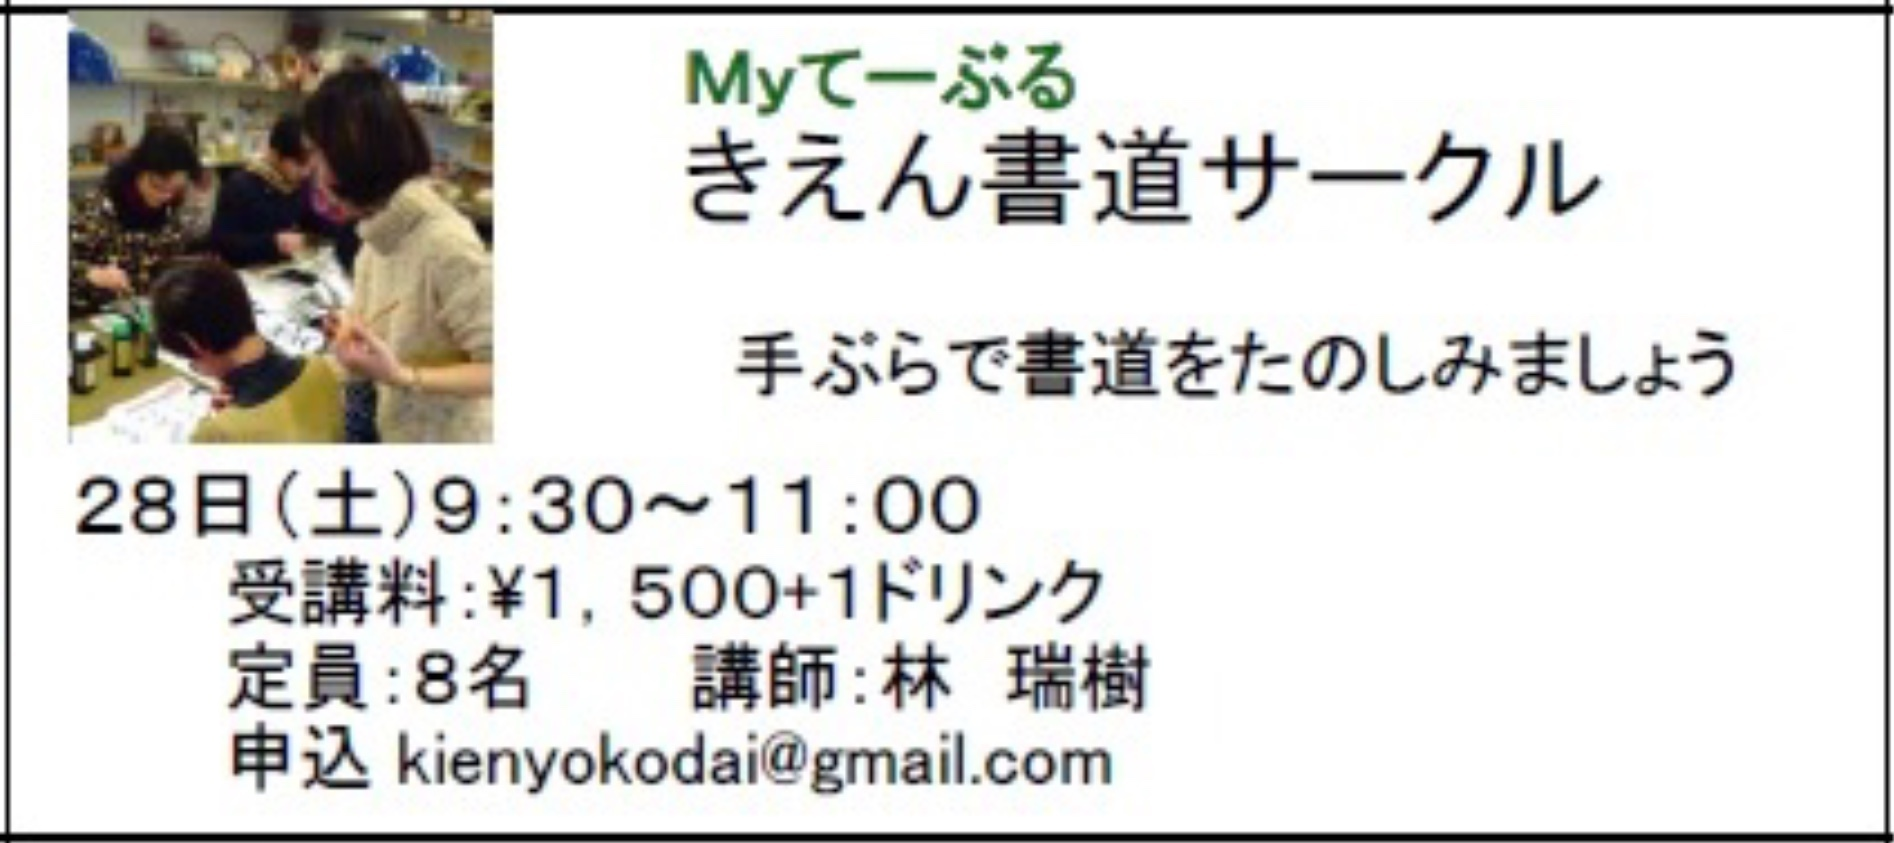 これからのイベント♪_c0367631_09200299.jpeg